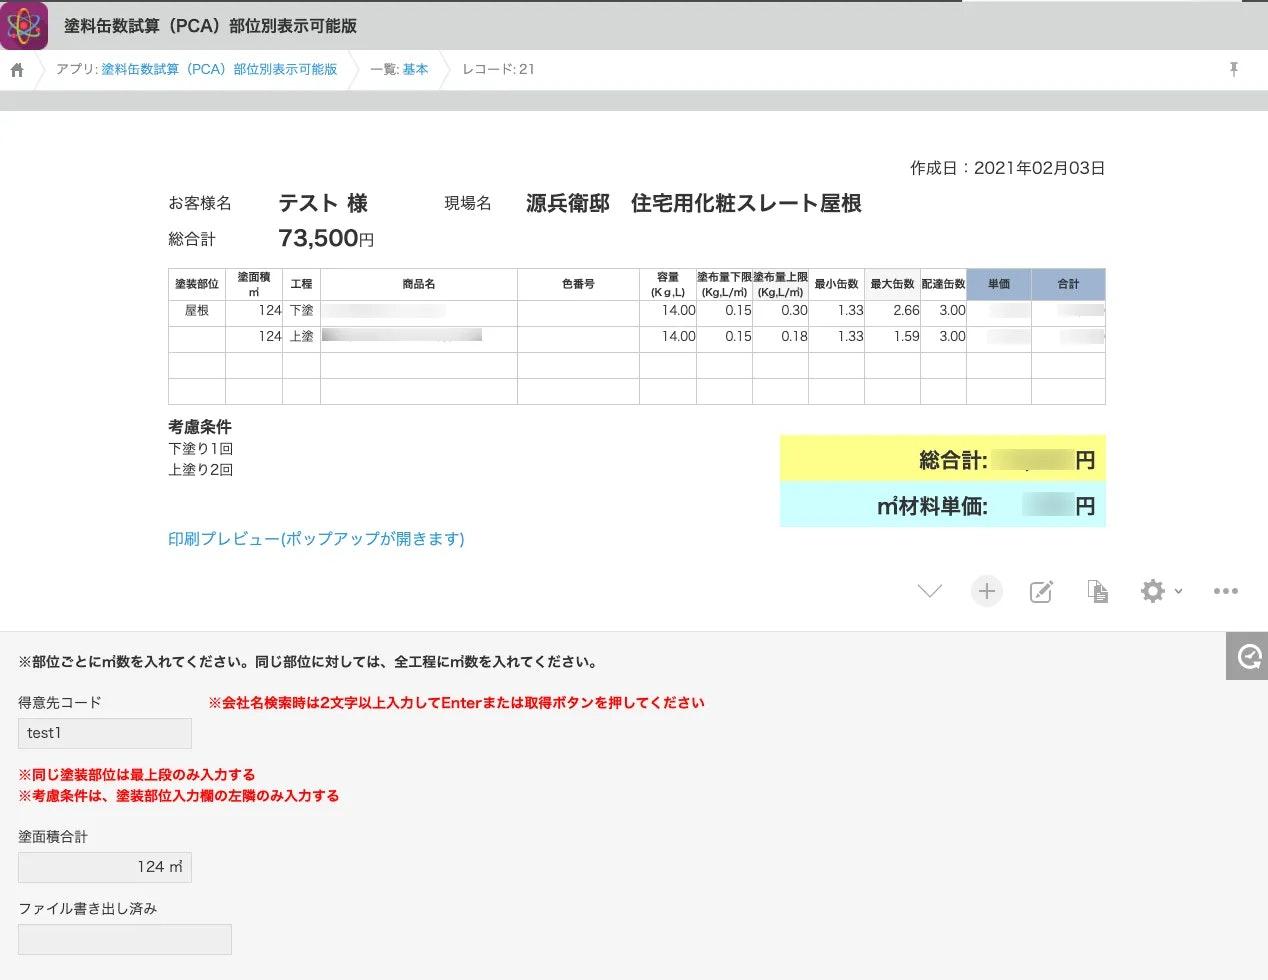 塗料缶数試算アプリ